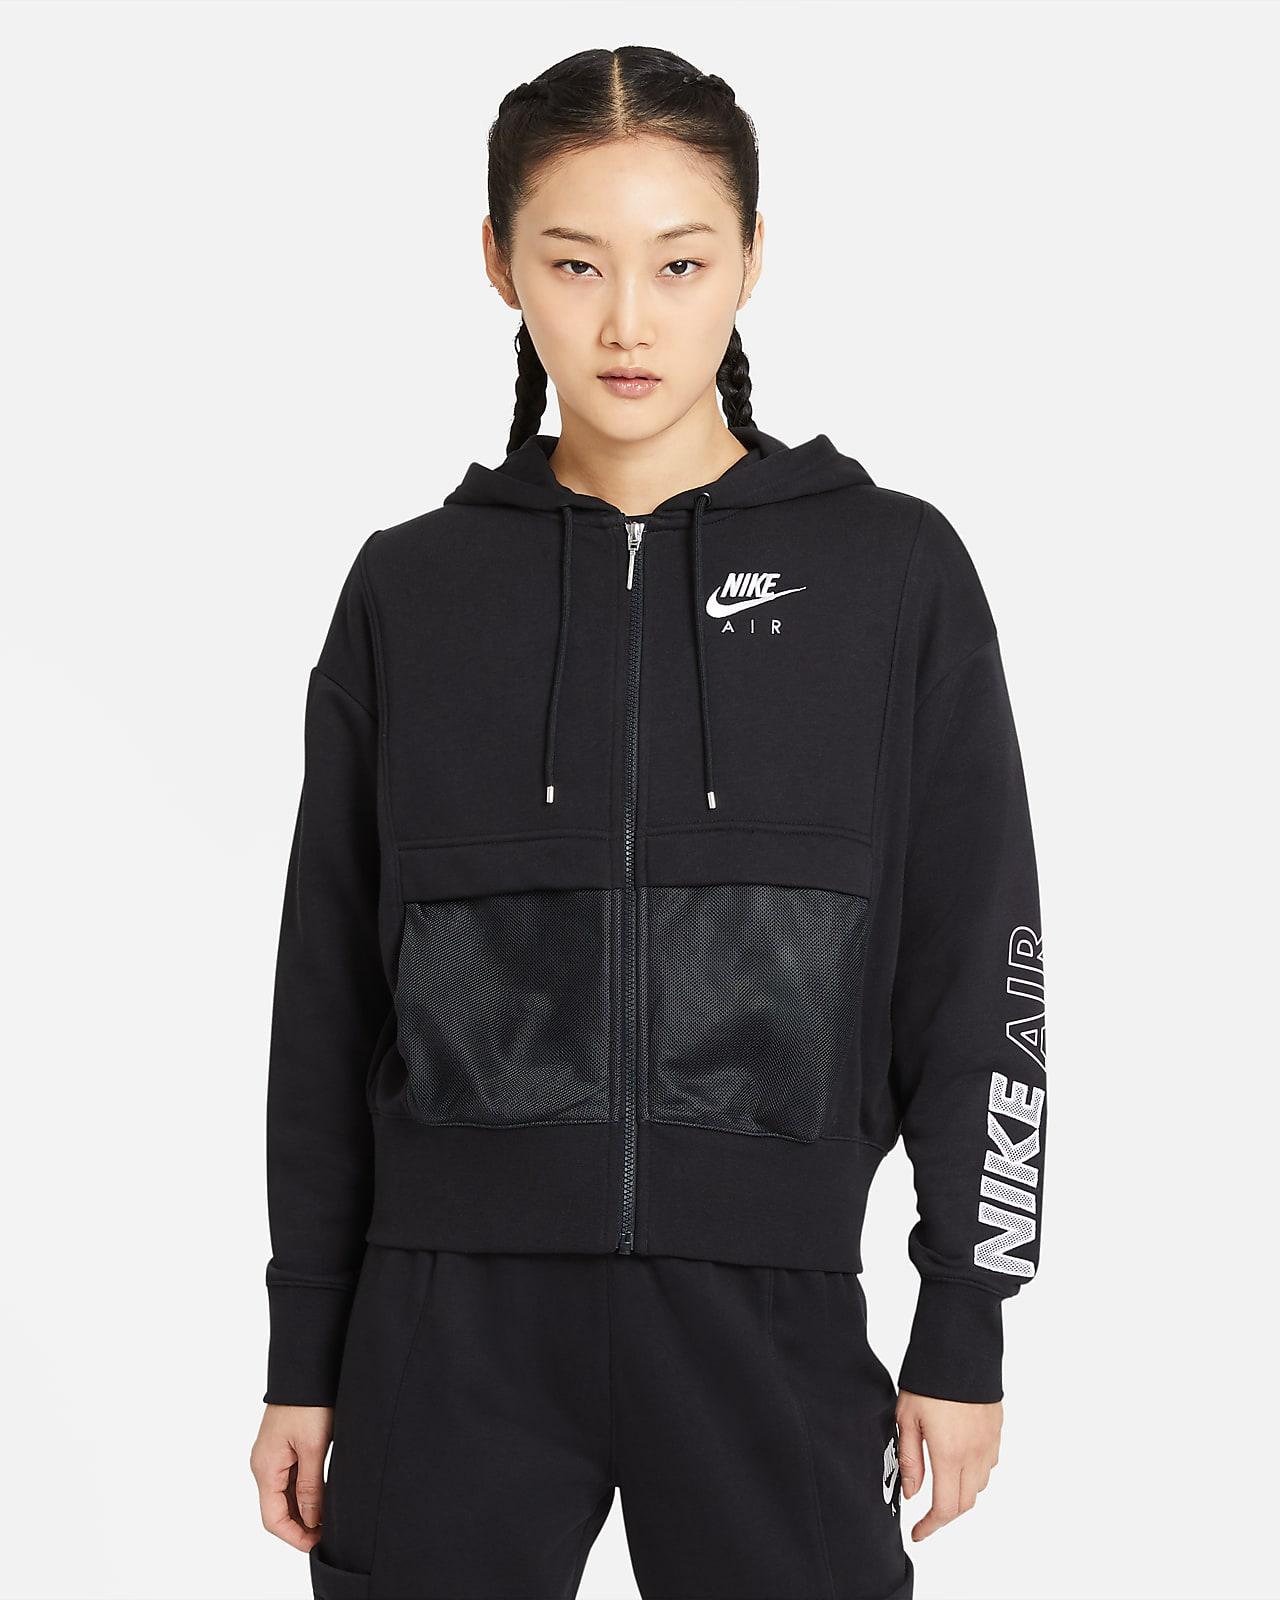 Nike Air Women's Full-Zip Top